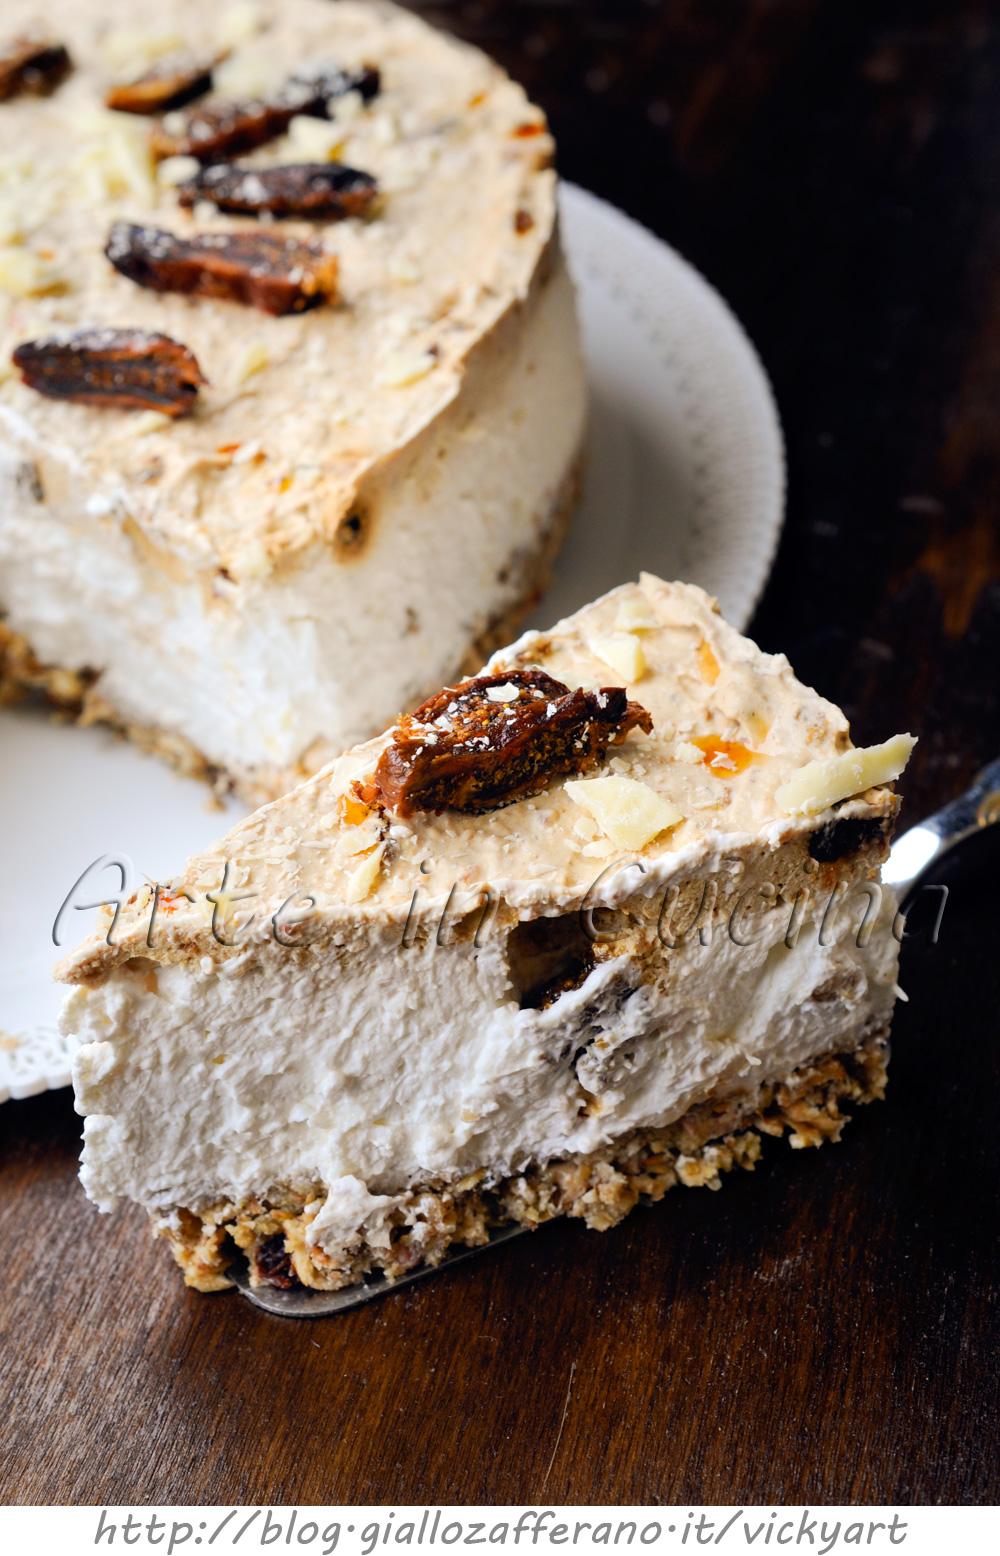 Cheesecake con cereali e fichi secchi alla ricotta vickyart arte in cucina